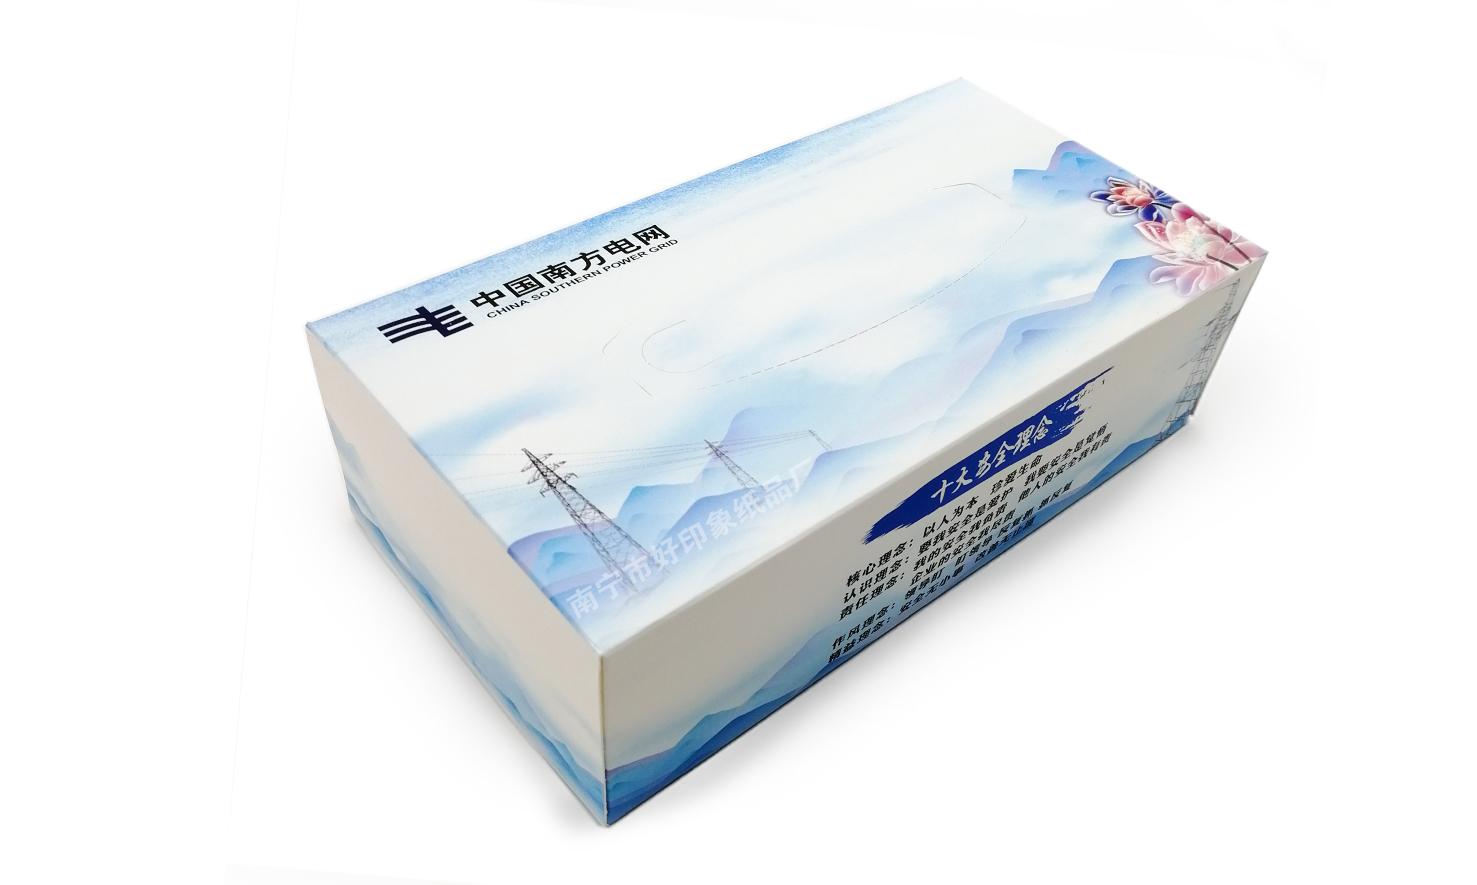 中国南方电网广告盒装万博app登陆